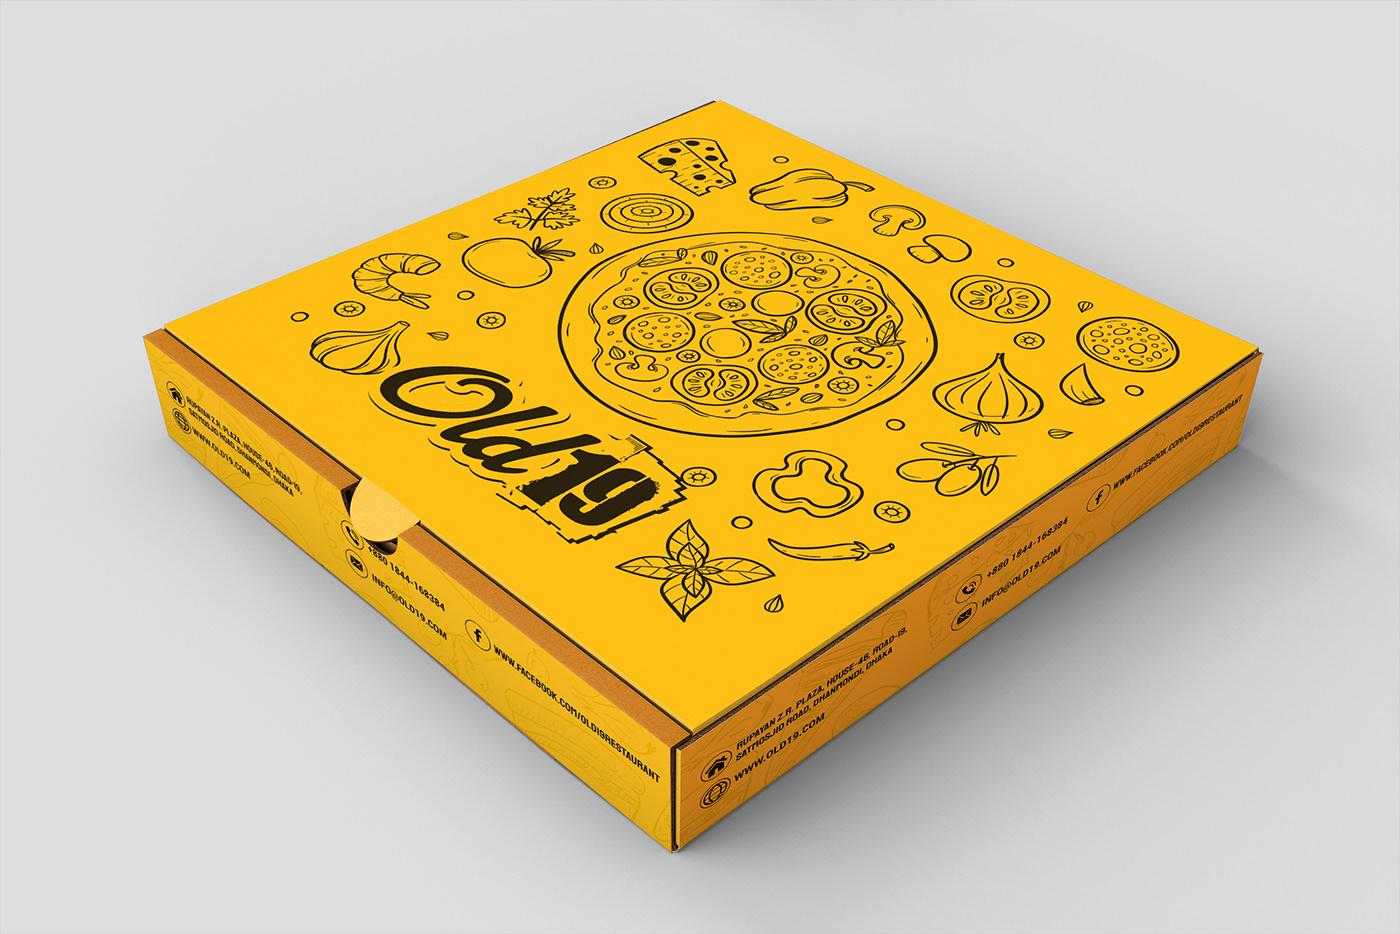 Image may contain: box and cartoon